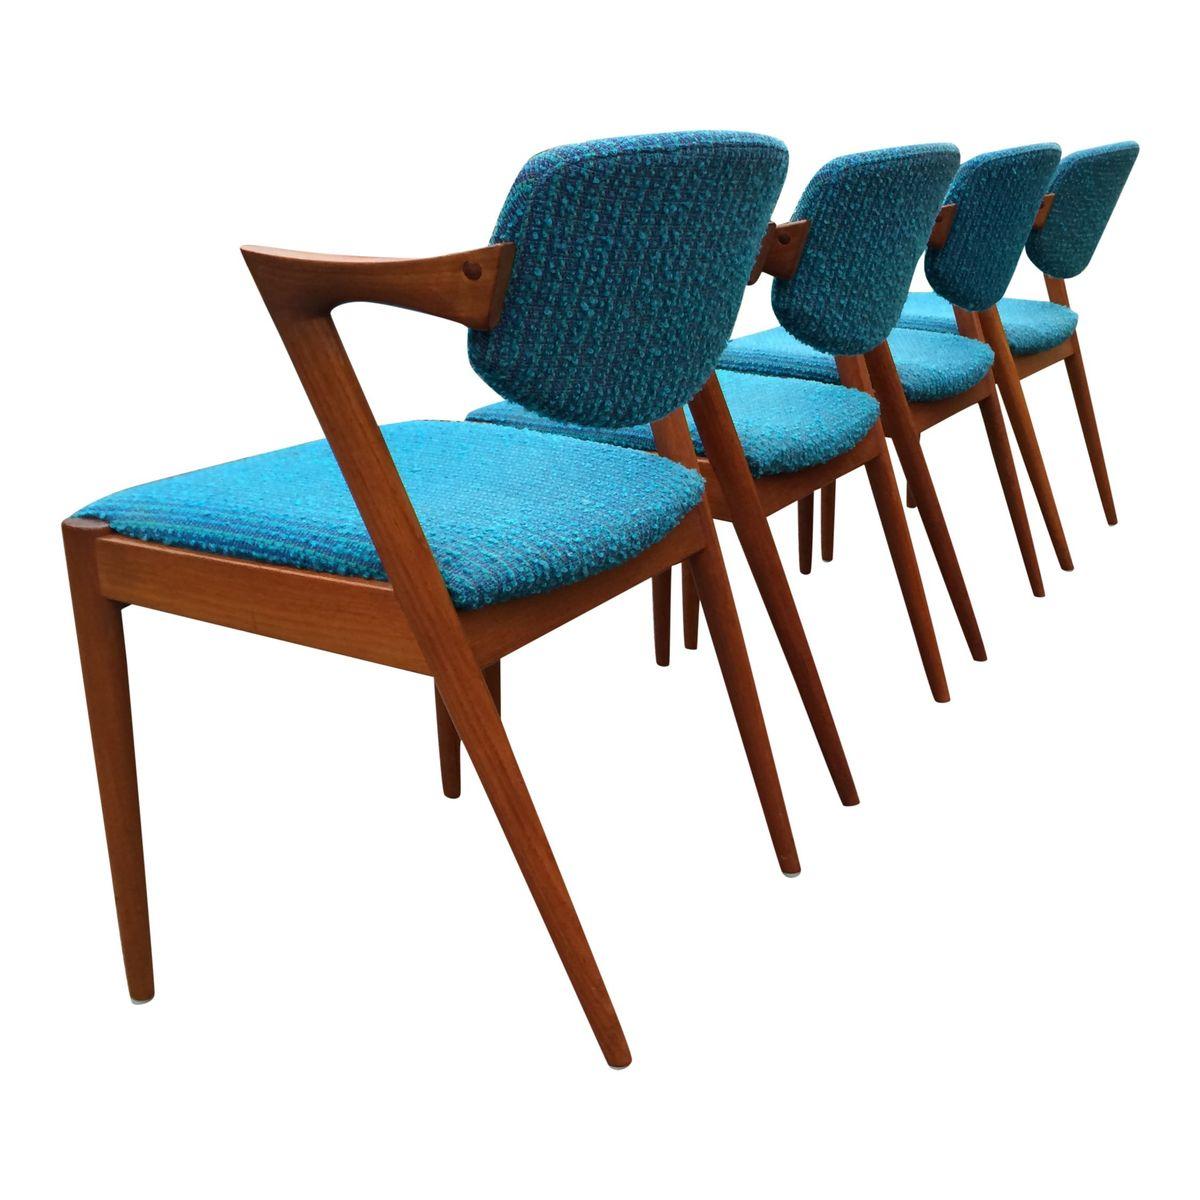 42 esszimmerst hle in t rkis von kai kristiansen f r schou. Black Bedroom Furniture Sets. Home Design Ideas